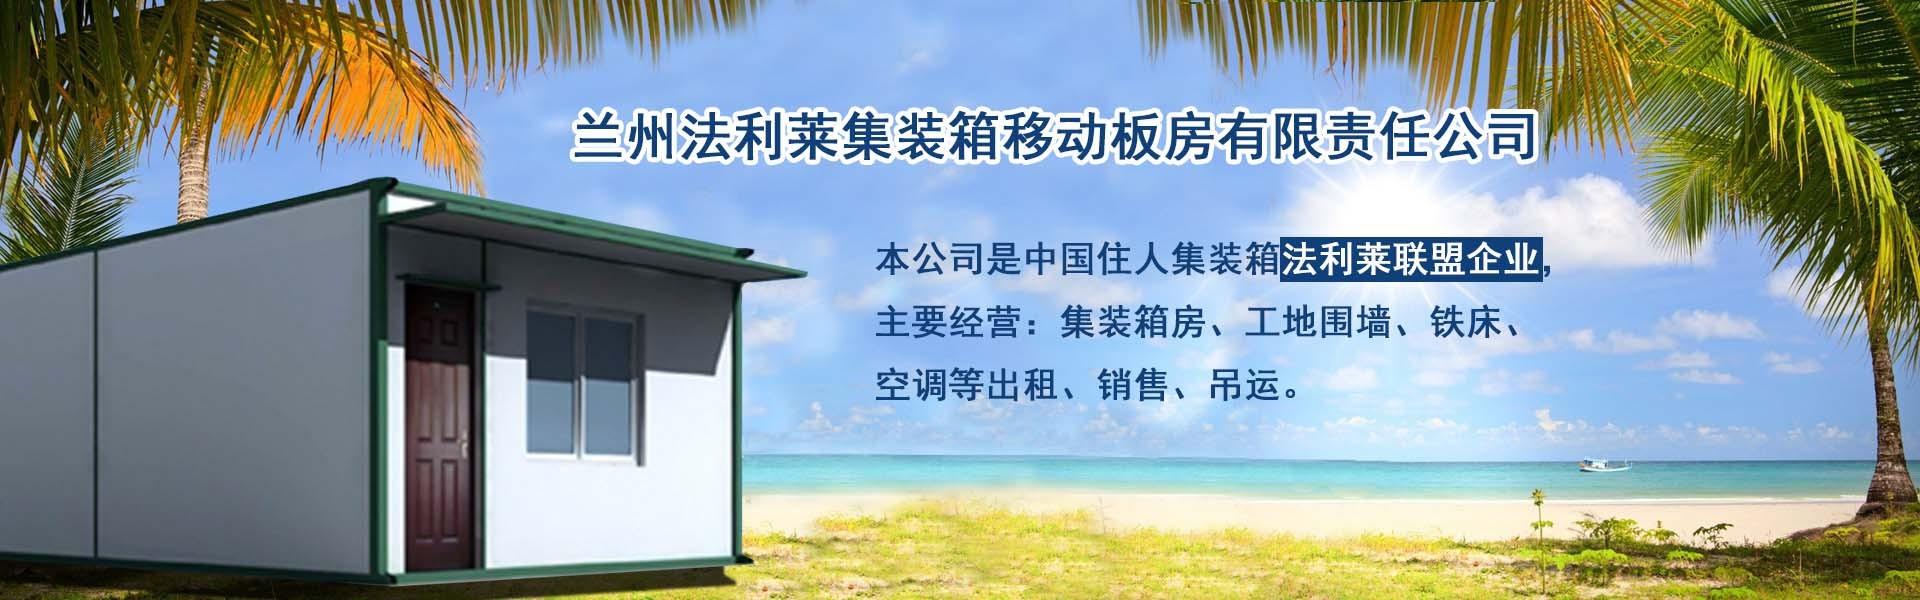 兰州住人集装箱_集装箱房屋尺寸_集装箱租赁厂家-二手集装箱价格